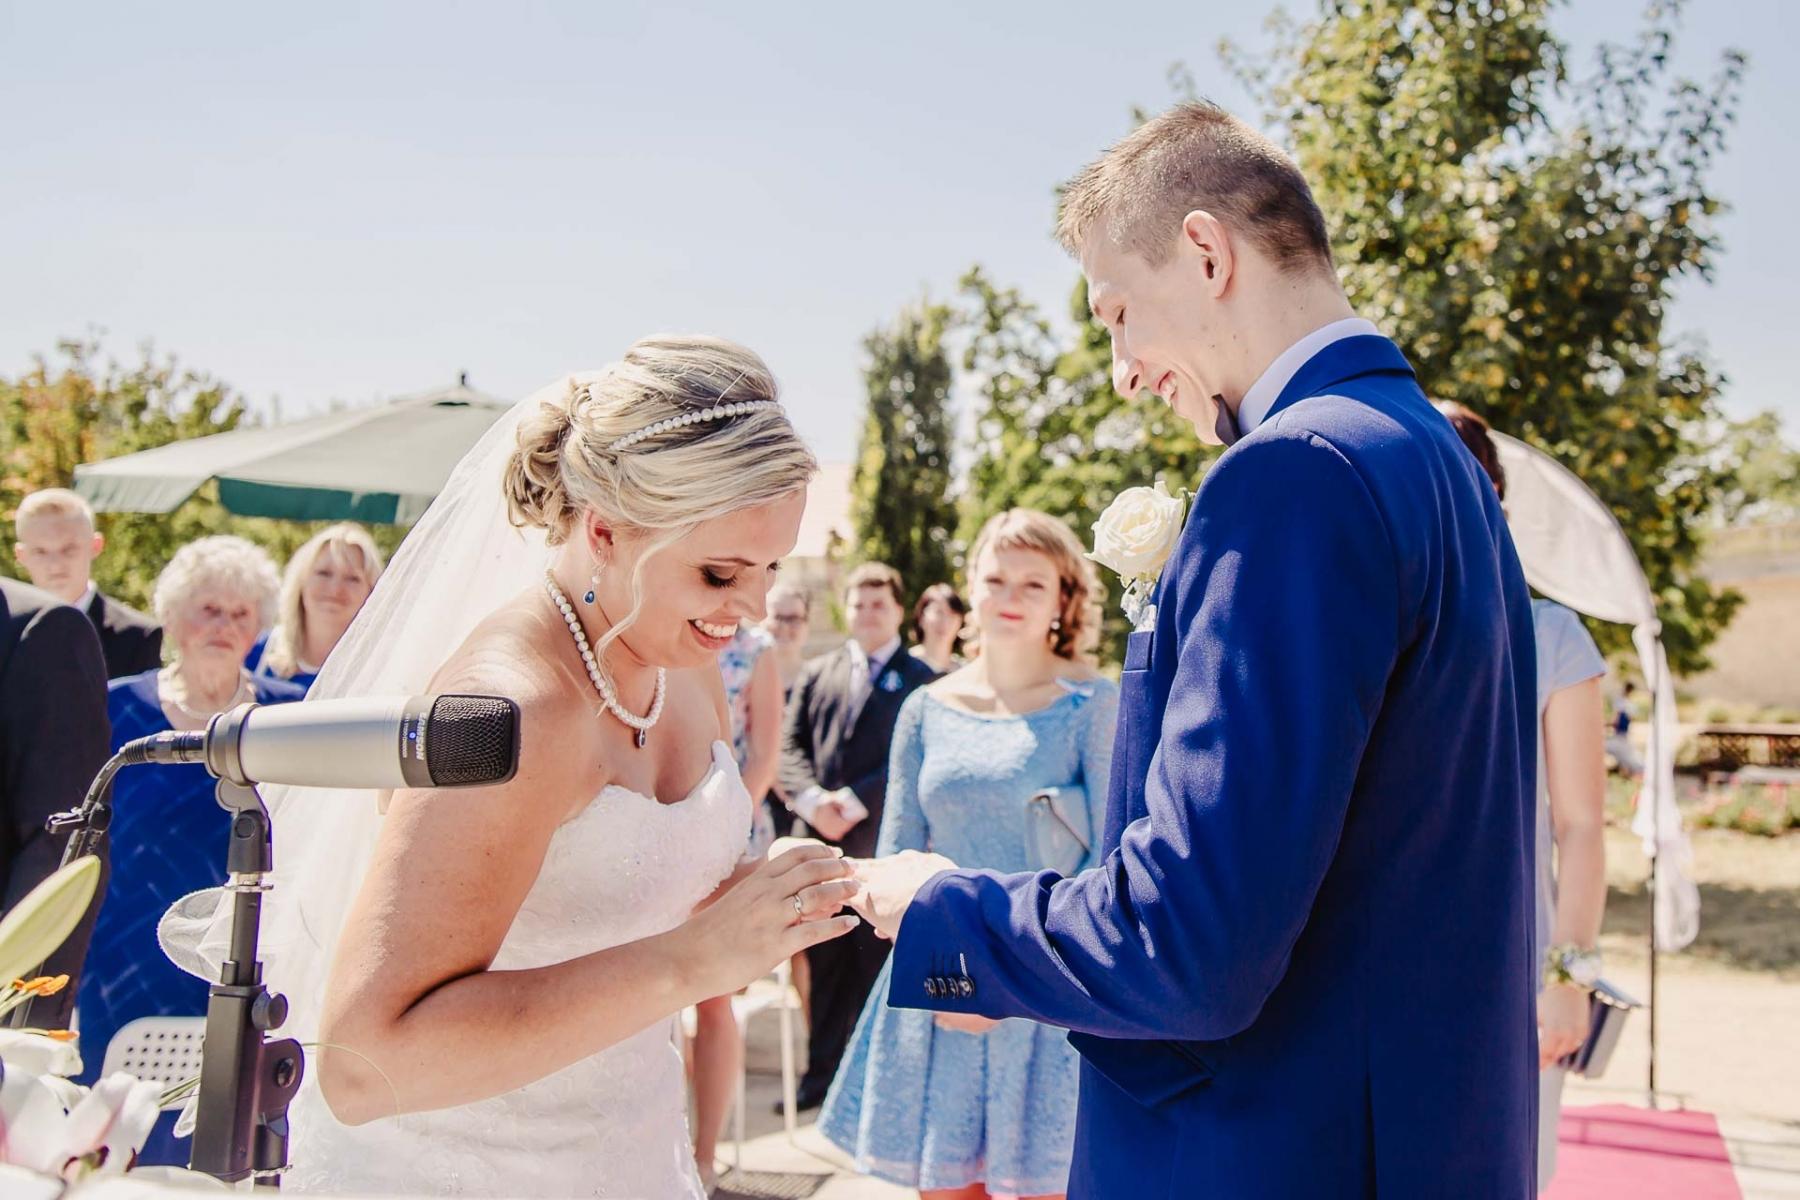 svatební fotograf zámek Mníšek pod Brdy, svatba na zámku, letní nejkrásnější zámecká svatba, Bára a Ondra-54